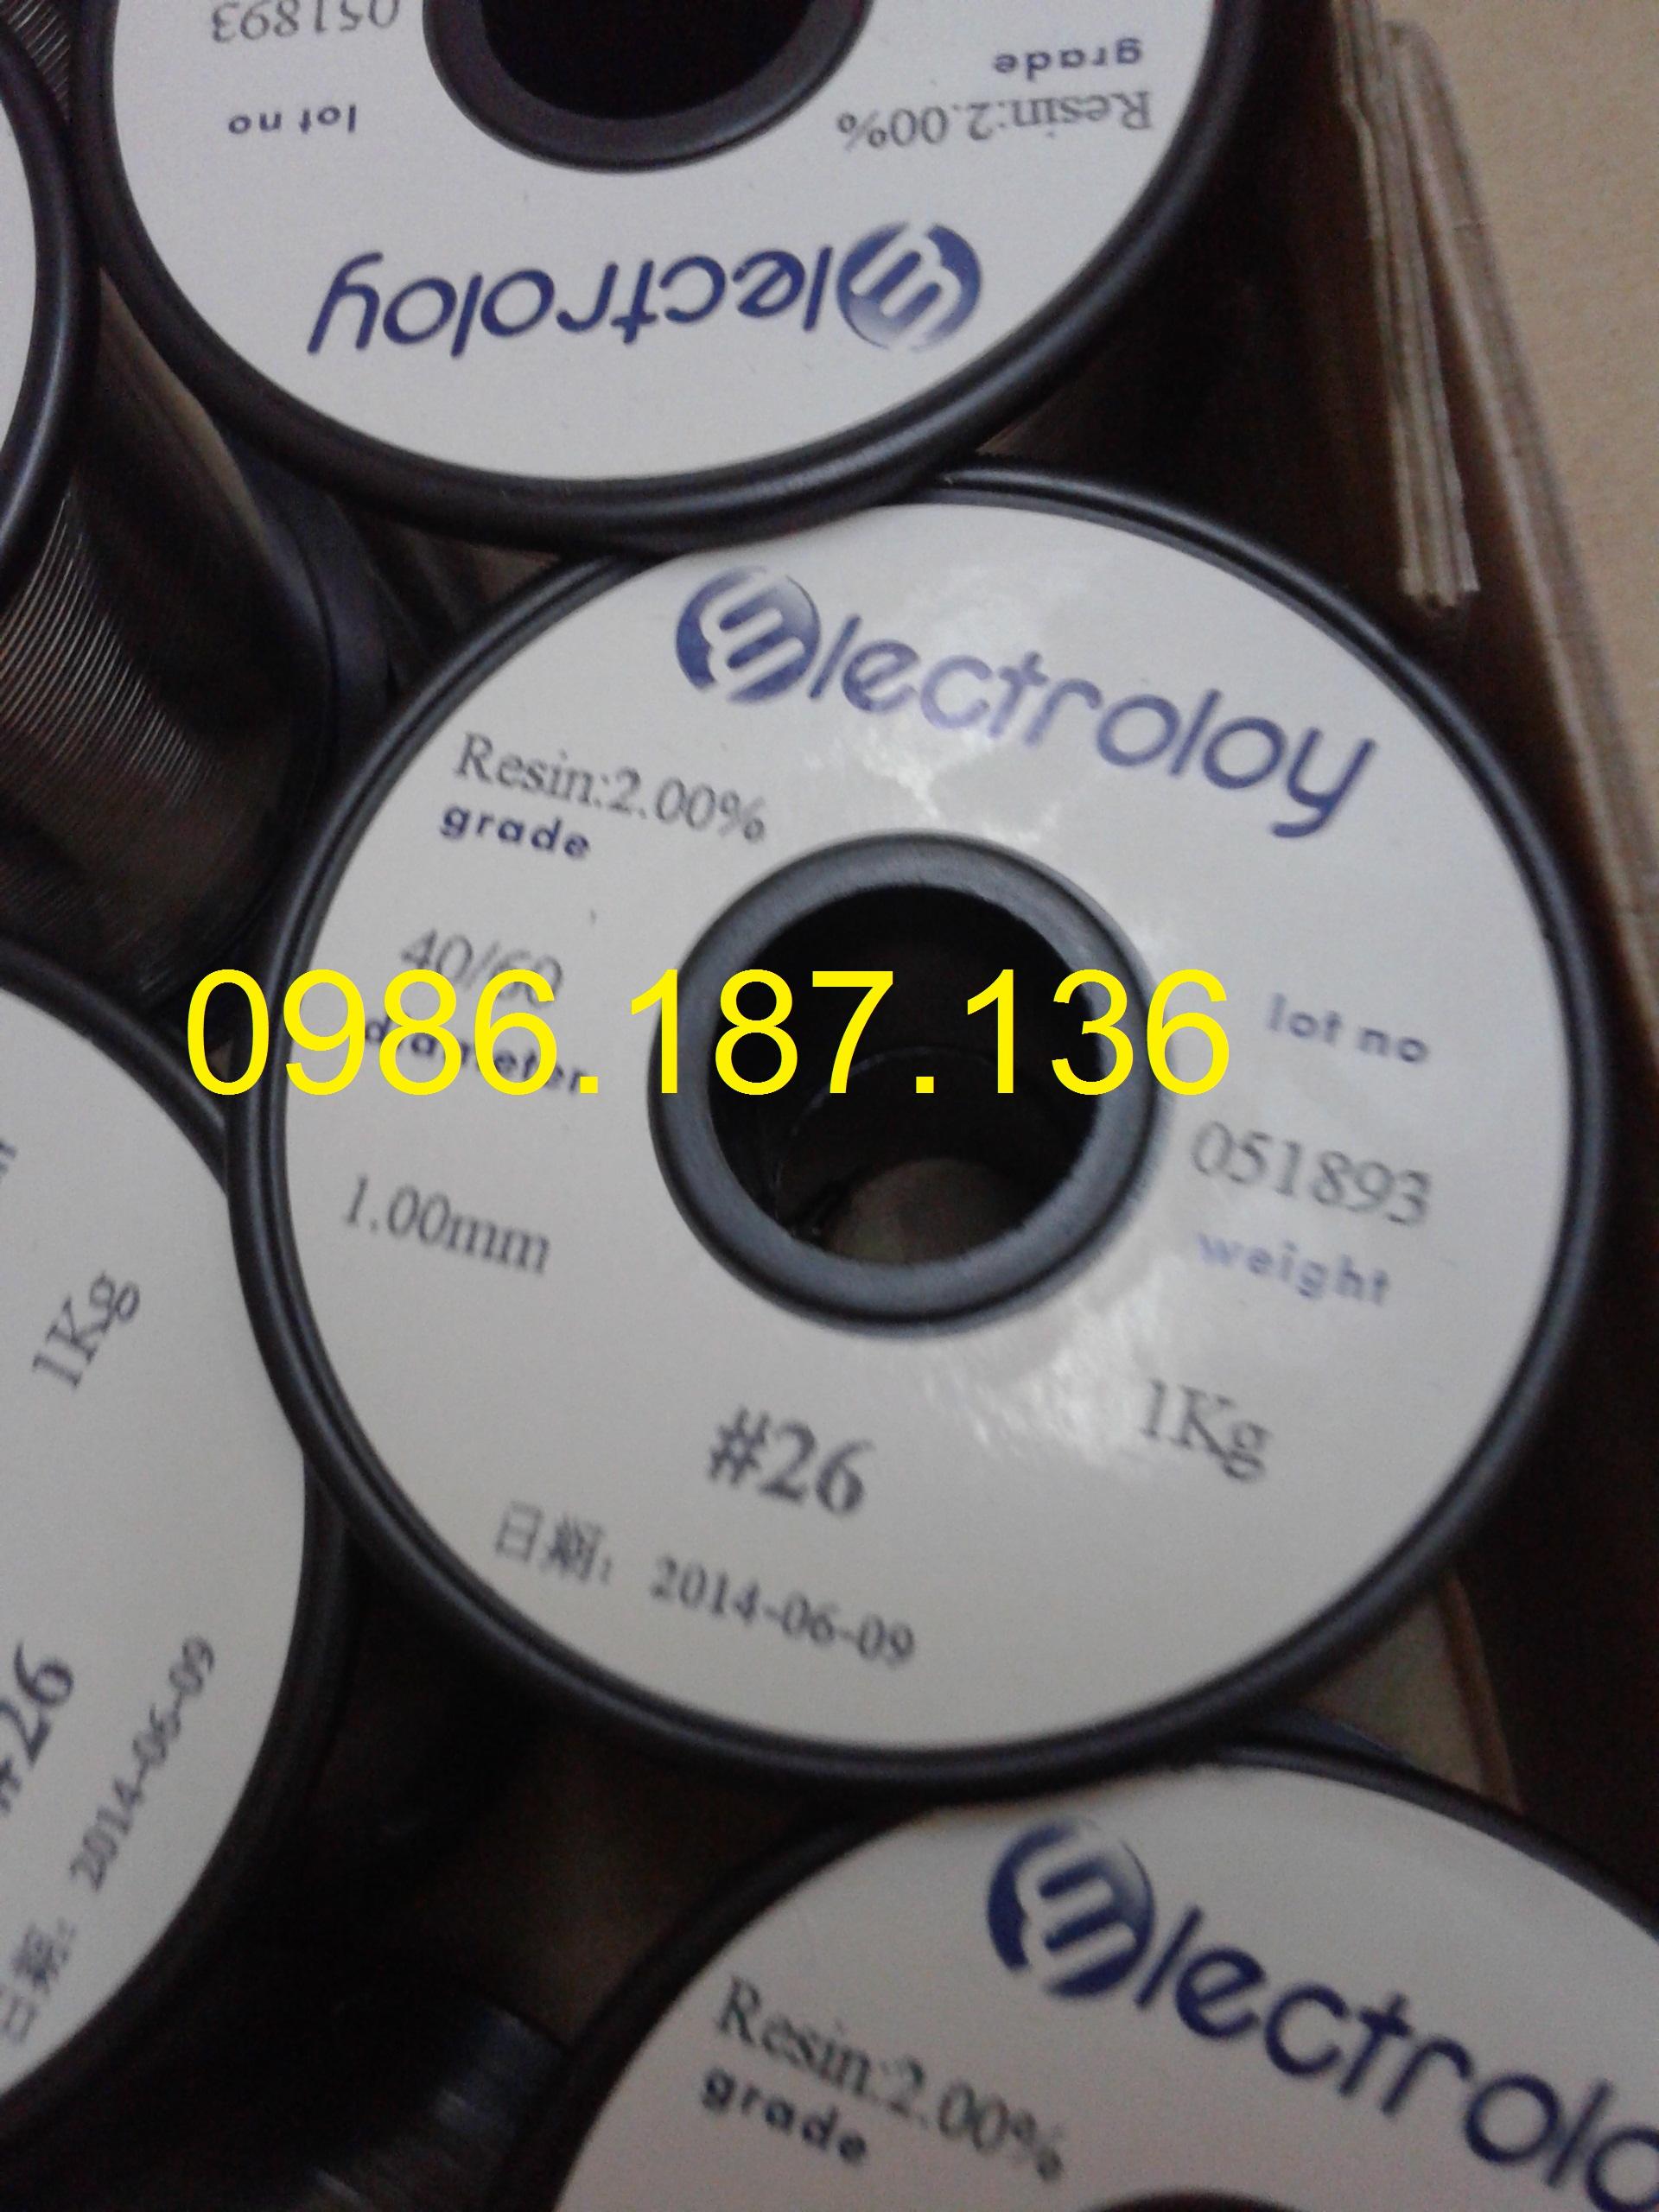 Chuyên cung cấp thiếc hàn, phụ kiện smt chính hãng cho sản xuất điện tử